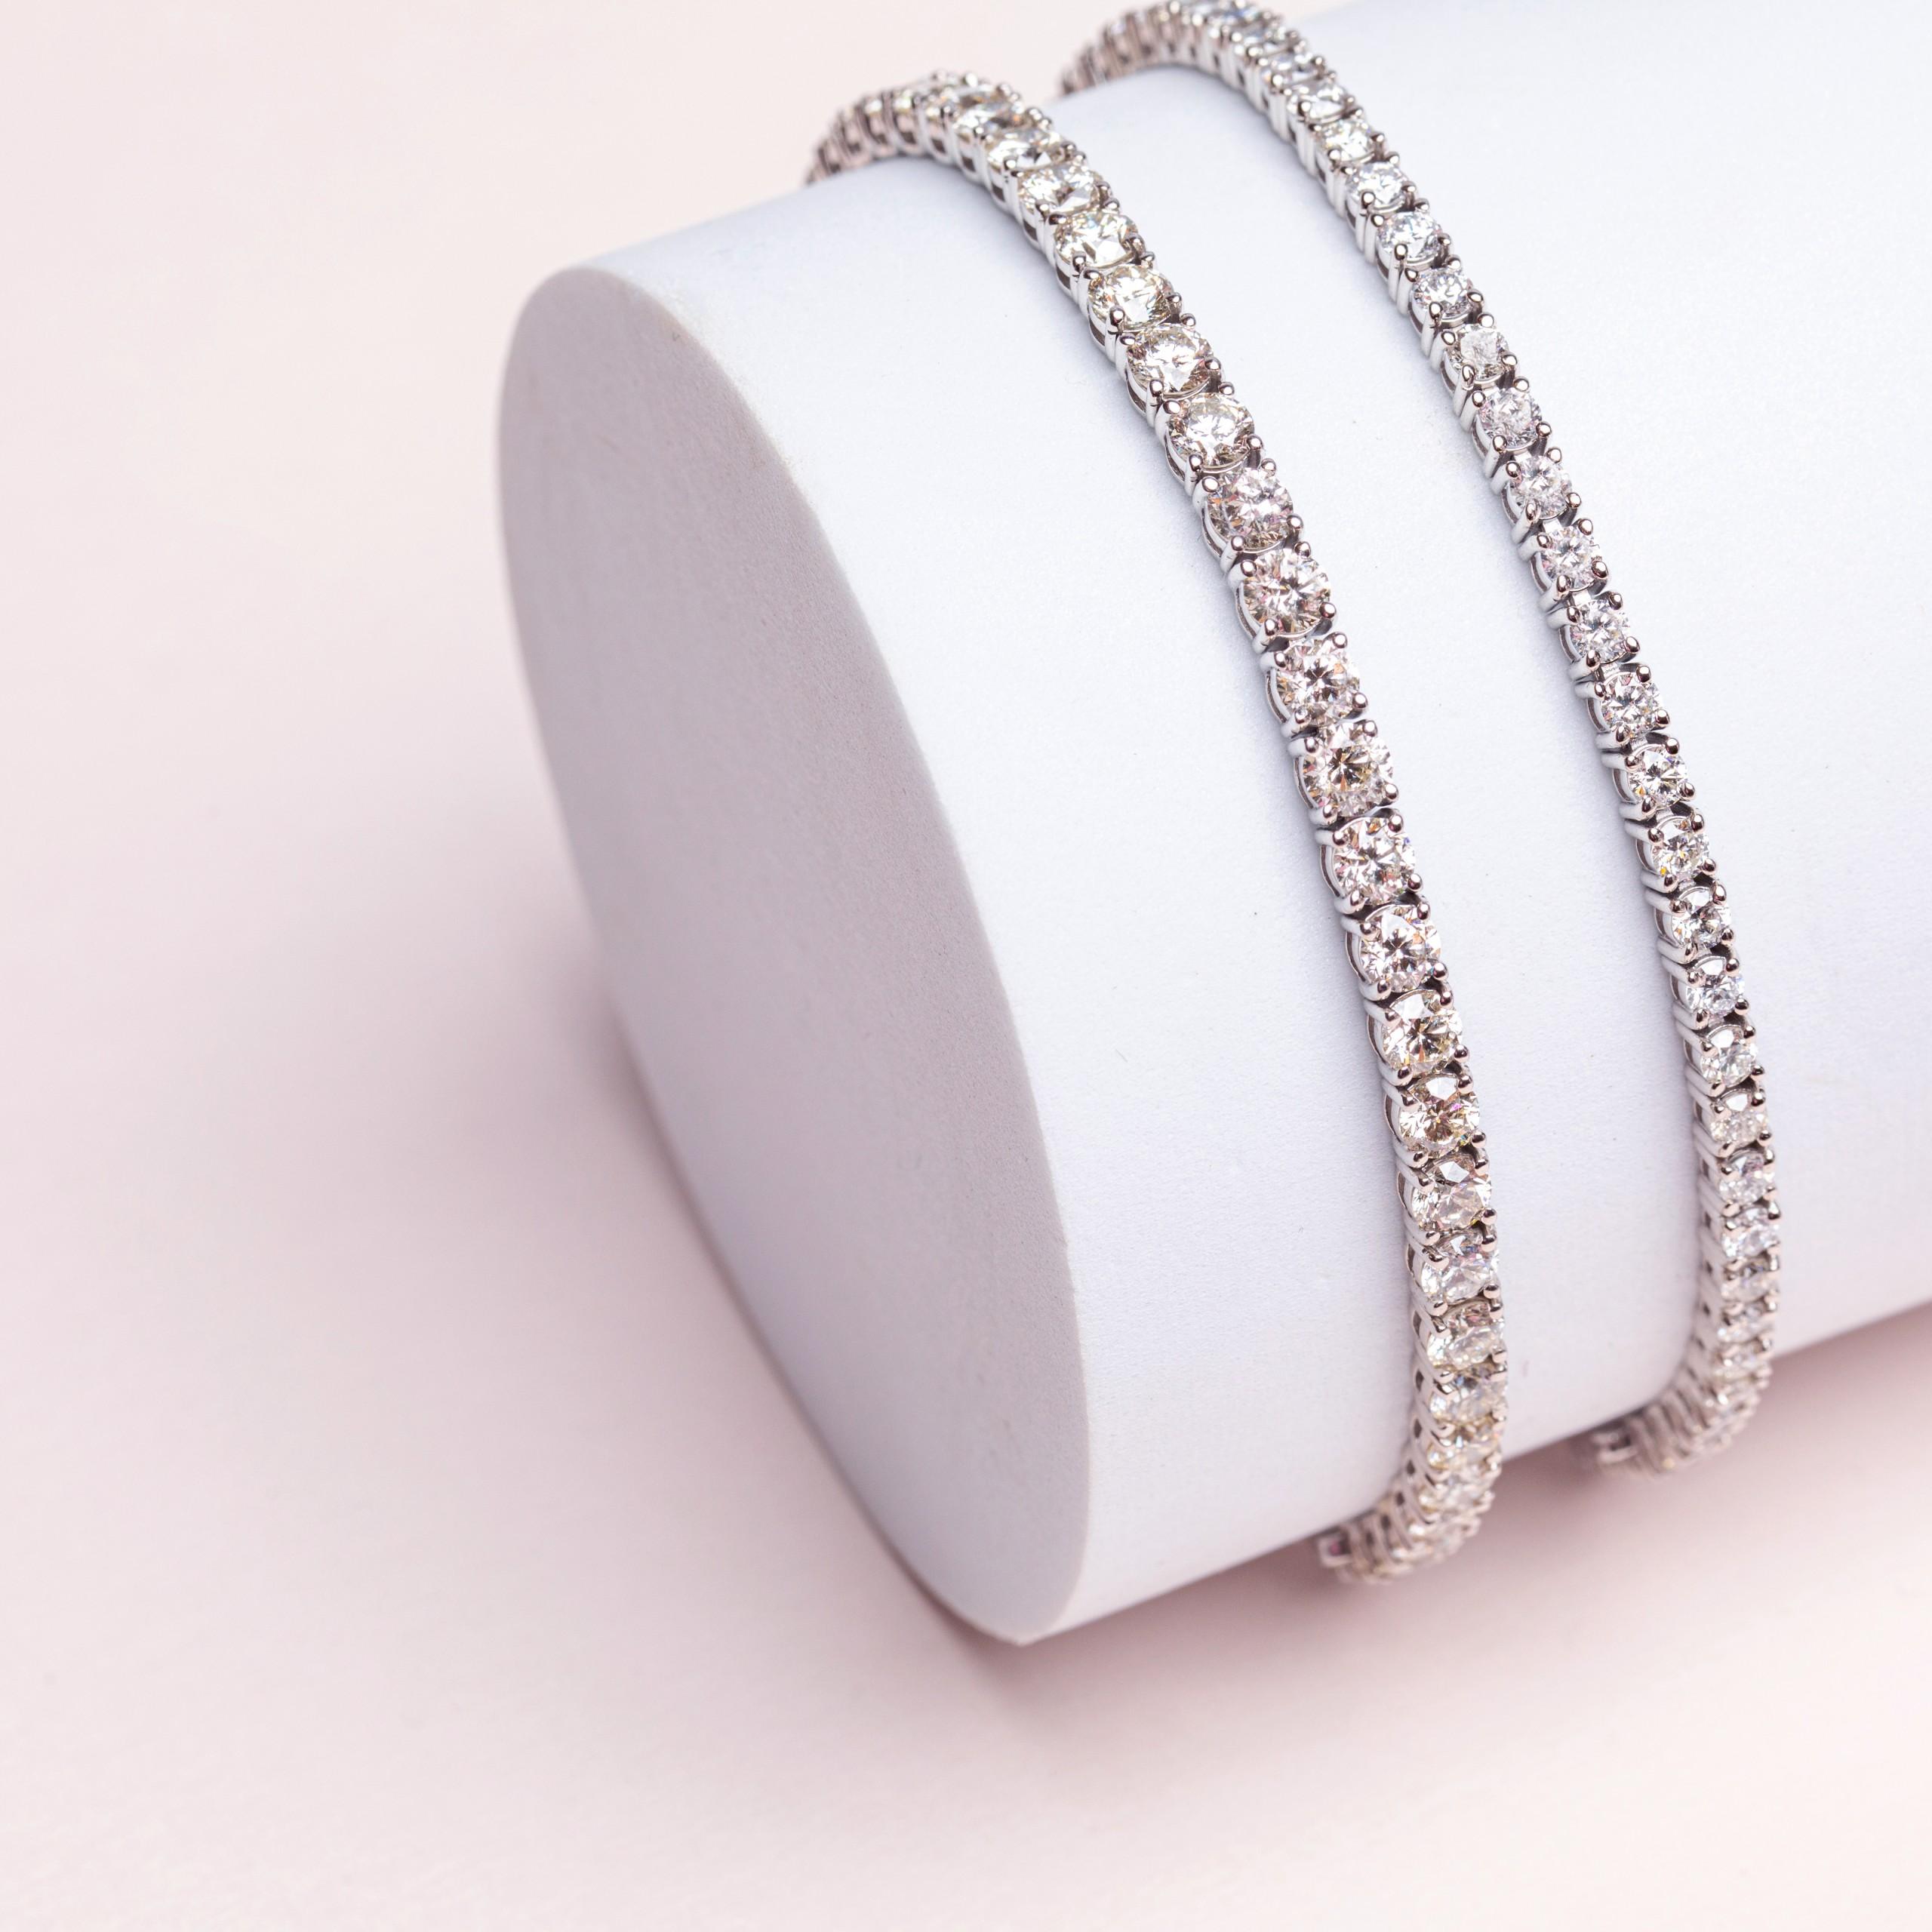 Ethicaljewelry